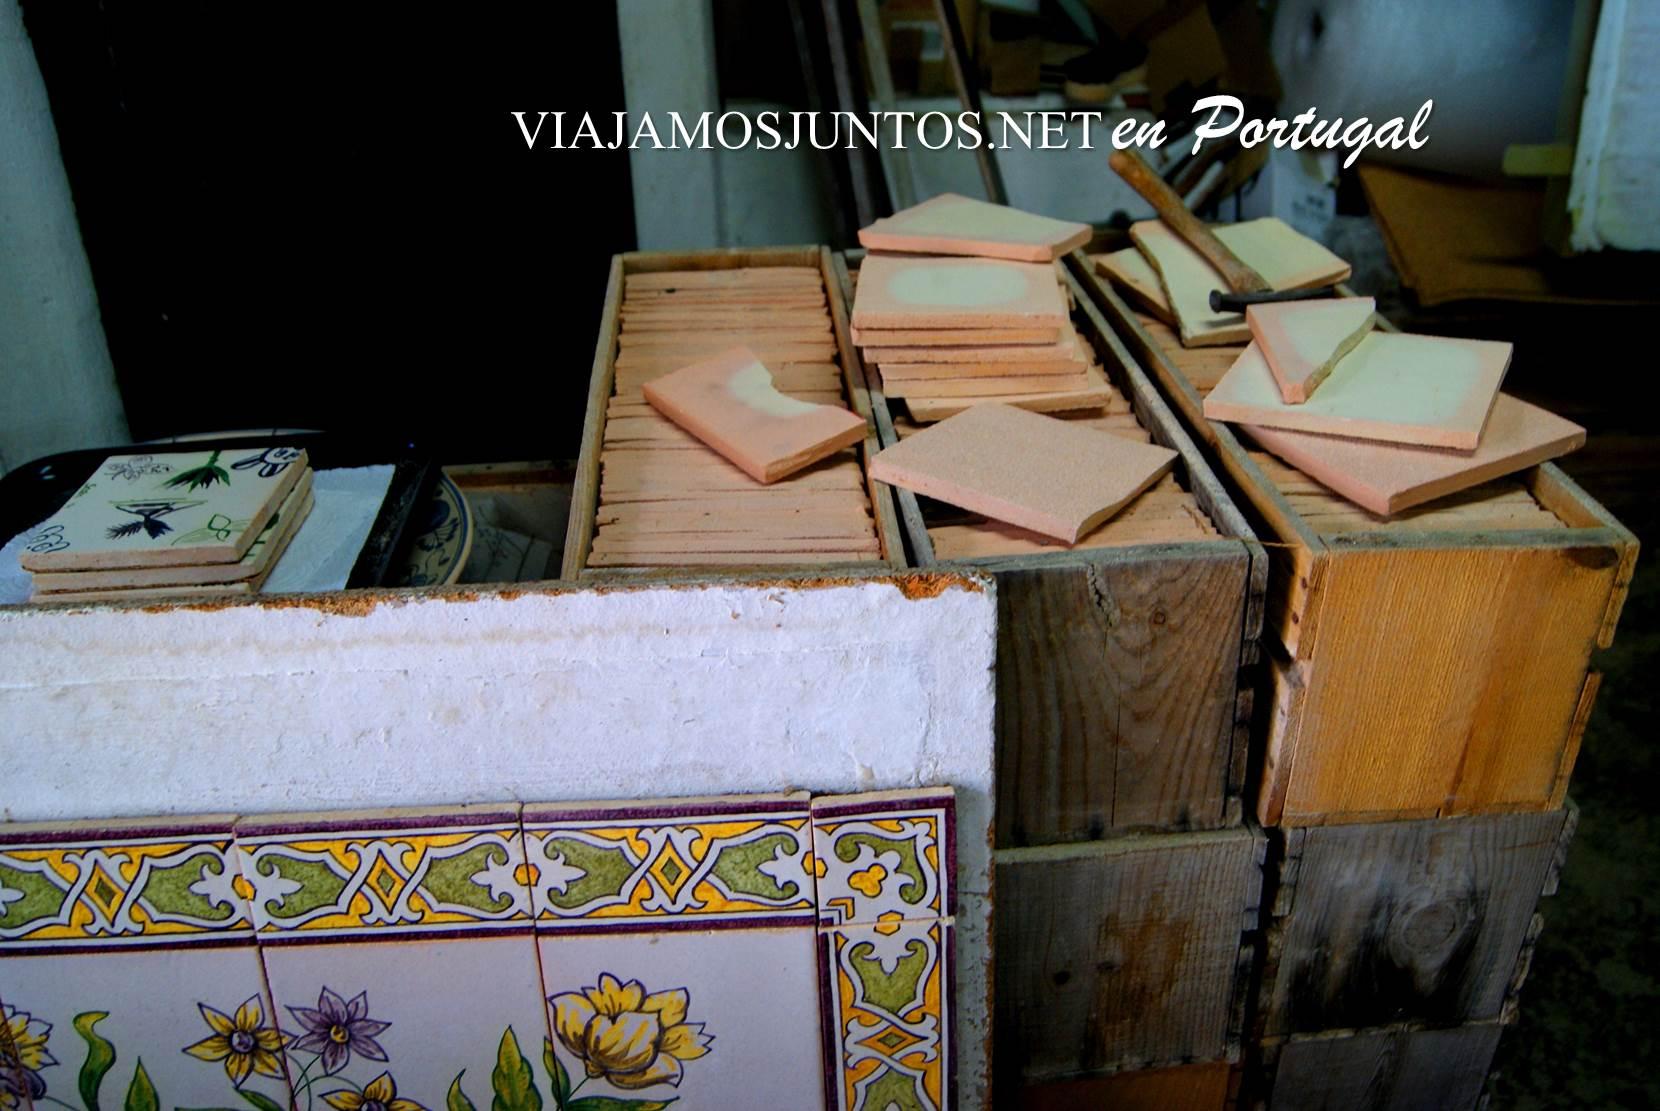 Taller de azulejos Sao Simao en Azeitao, Setúbal, Portugal